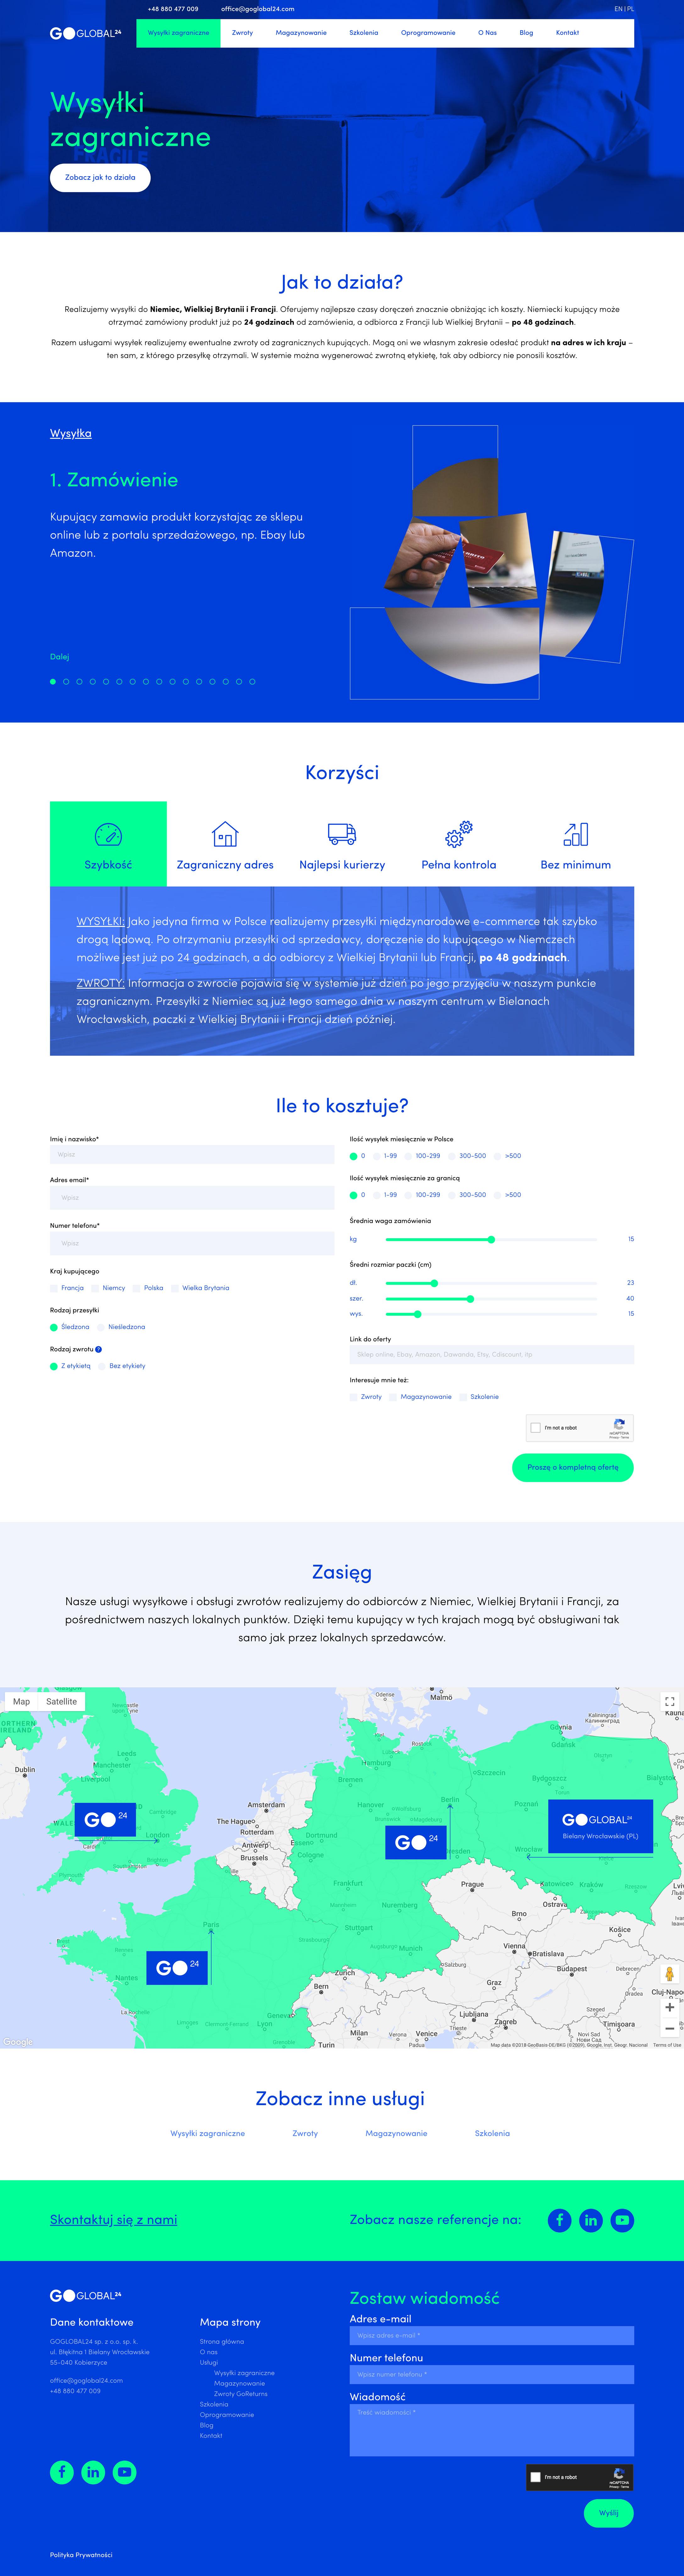 GoGlobal24 - Usługa